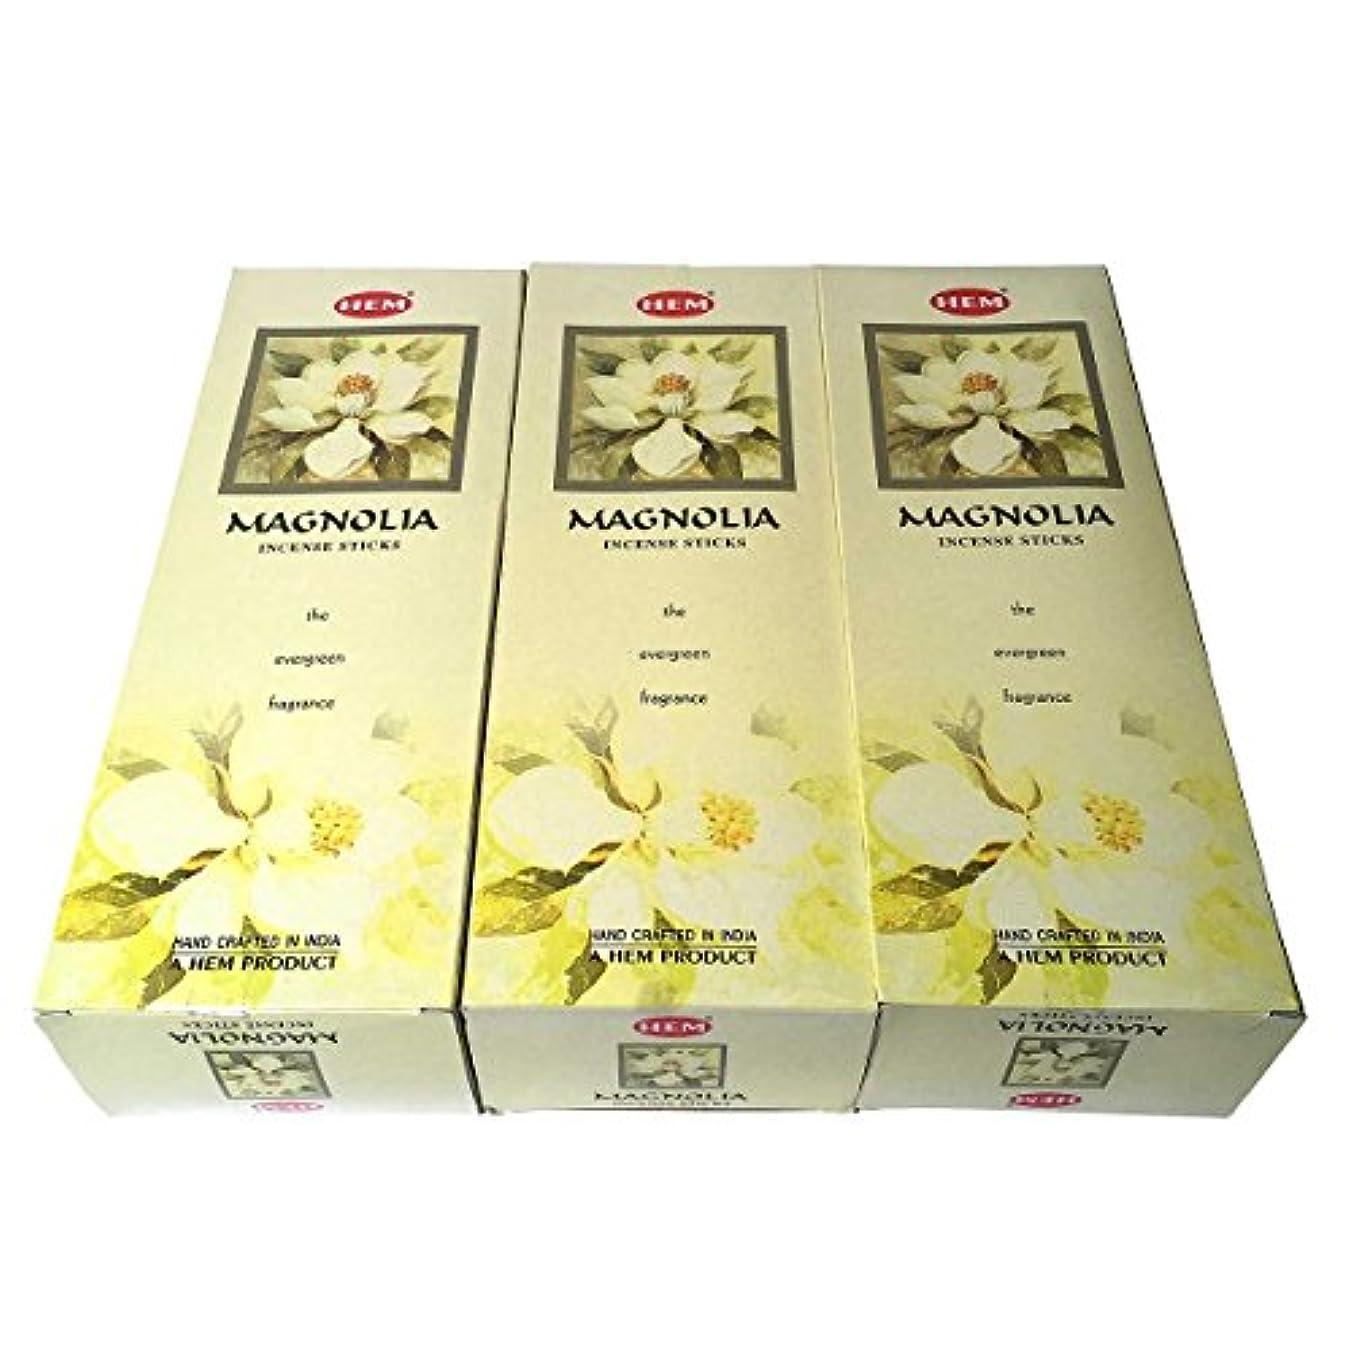 有効ここに織機マグノリア香スティック 3BOX(18箱) /HEM MAGNOLIA/お香/インセンス/インド香 お香 [並行輸入品]